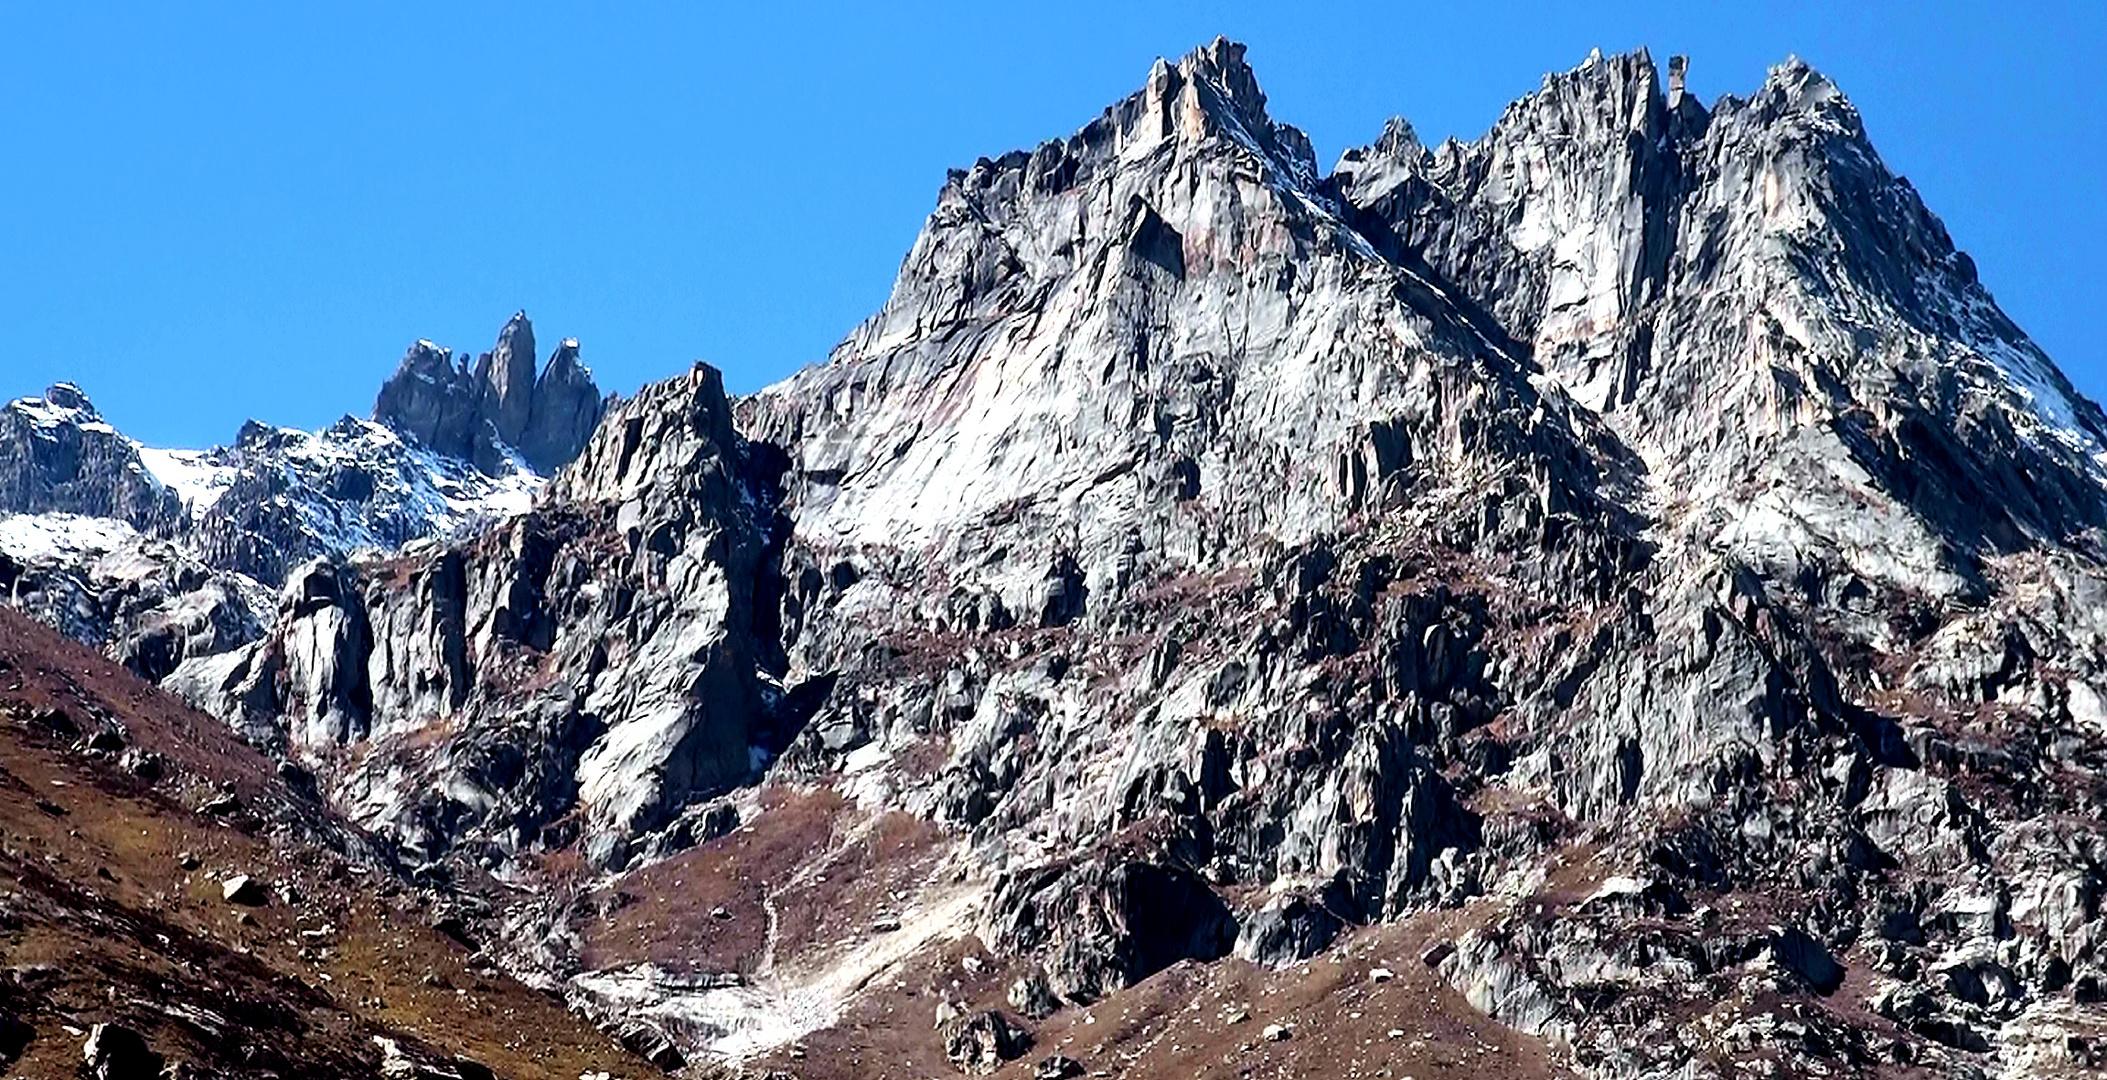 Himalayan Rockface